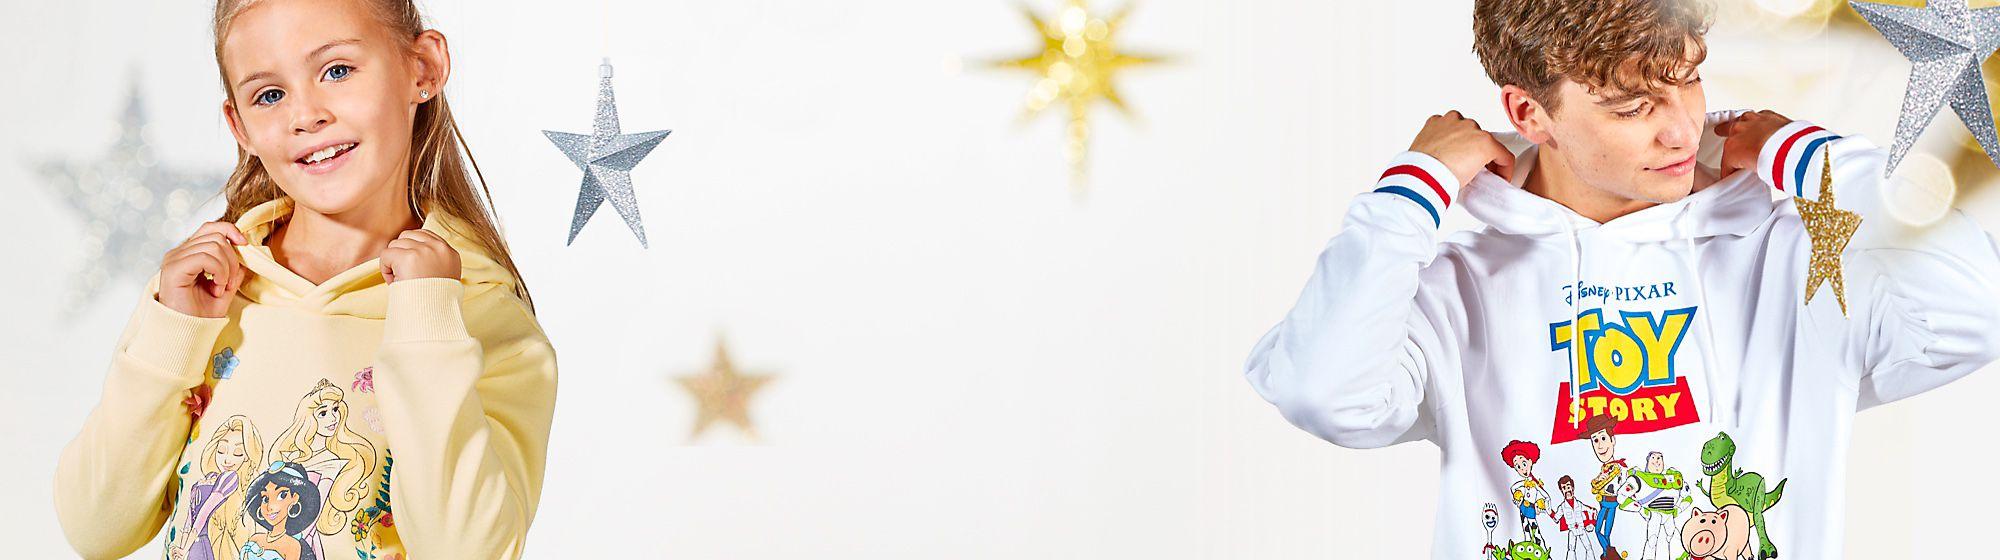 Lustig, festlich und schick Es ist an der Zeit, sich in fröhlichen Weihnachtsfarben zu kleiden